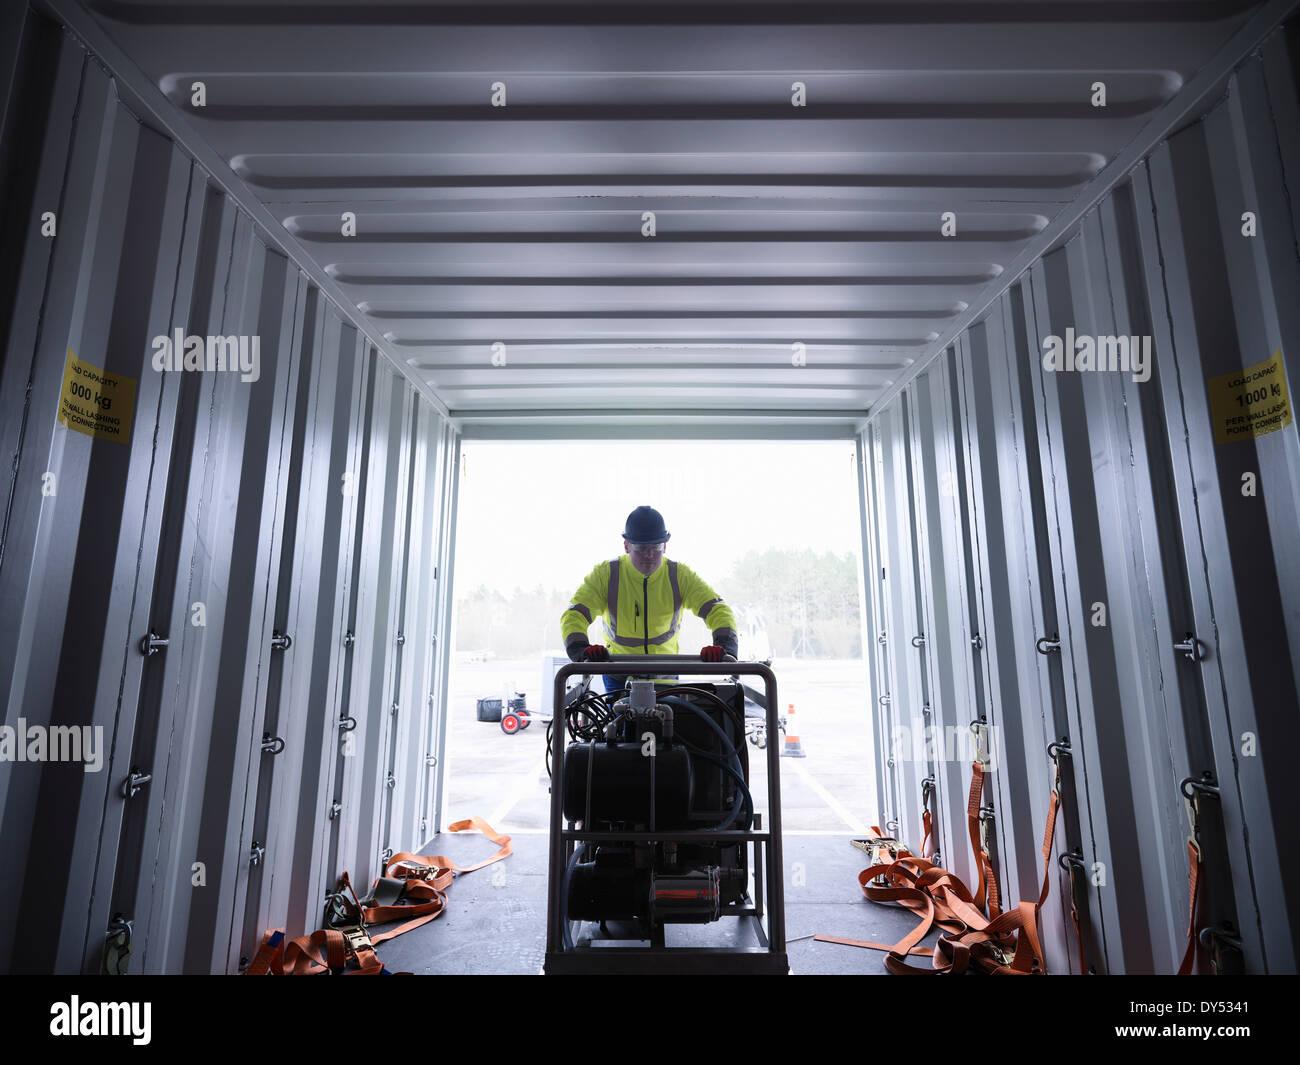 Emergency Response Team Arbeiter entlädt Ausrüstung von Versandverpackung Stockbild